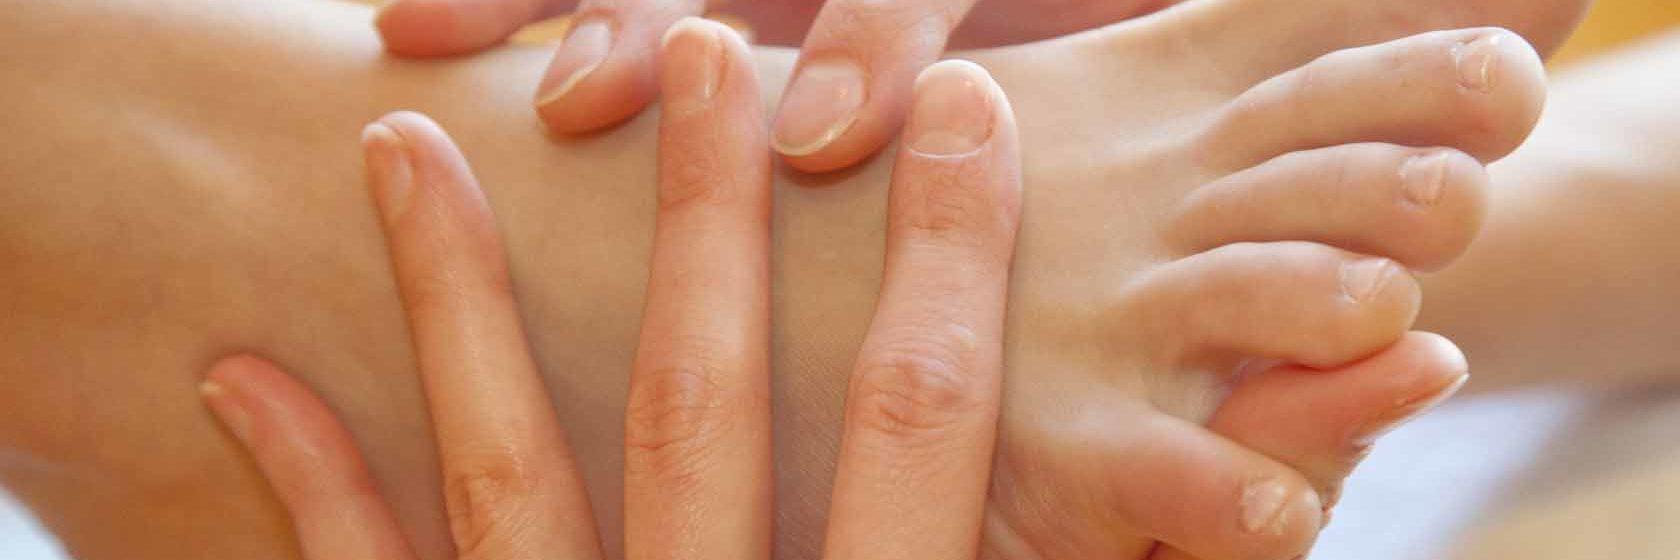 массаж рук стоп